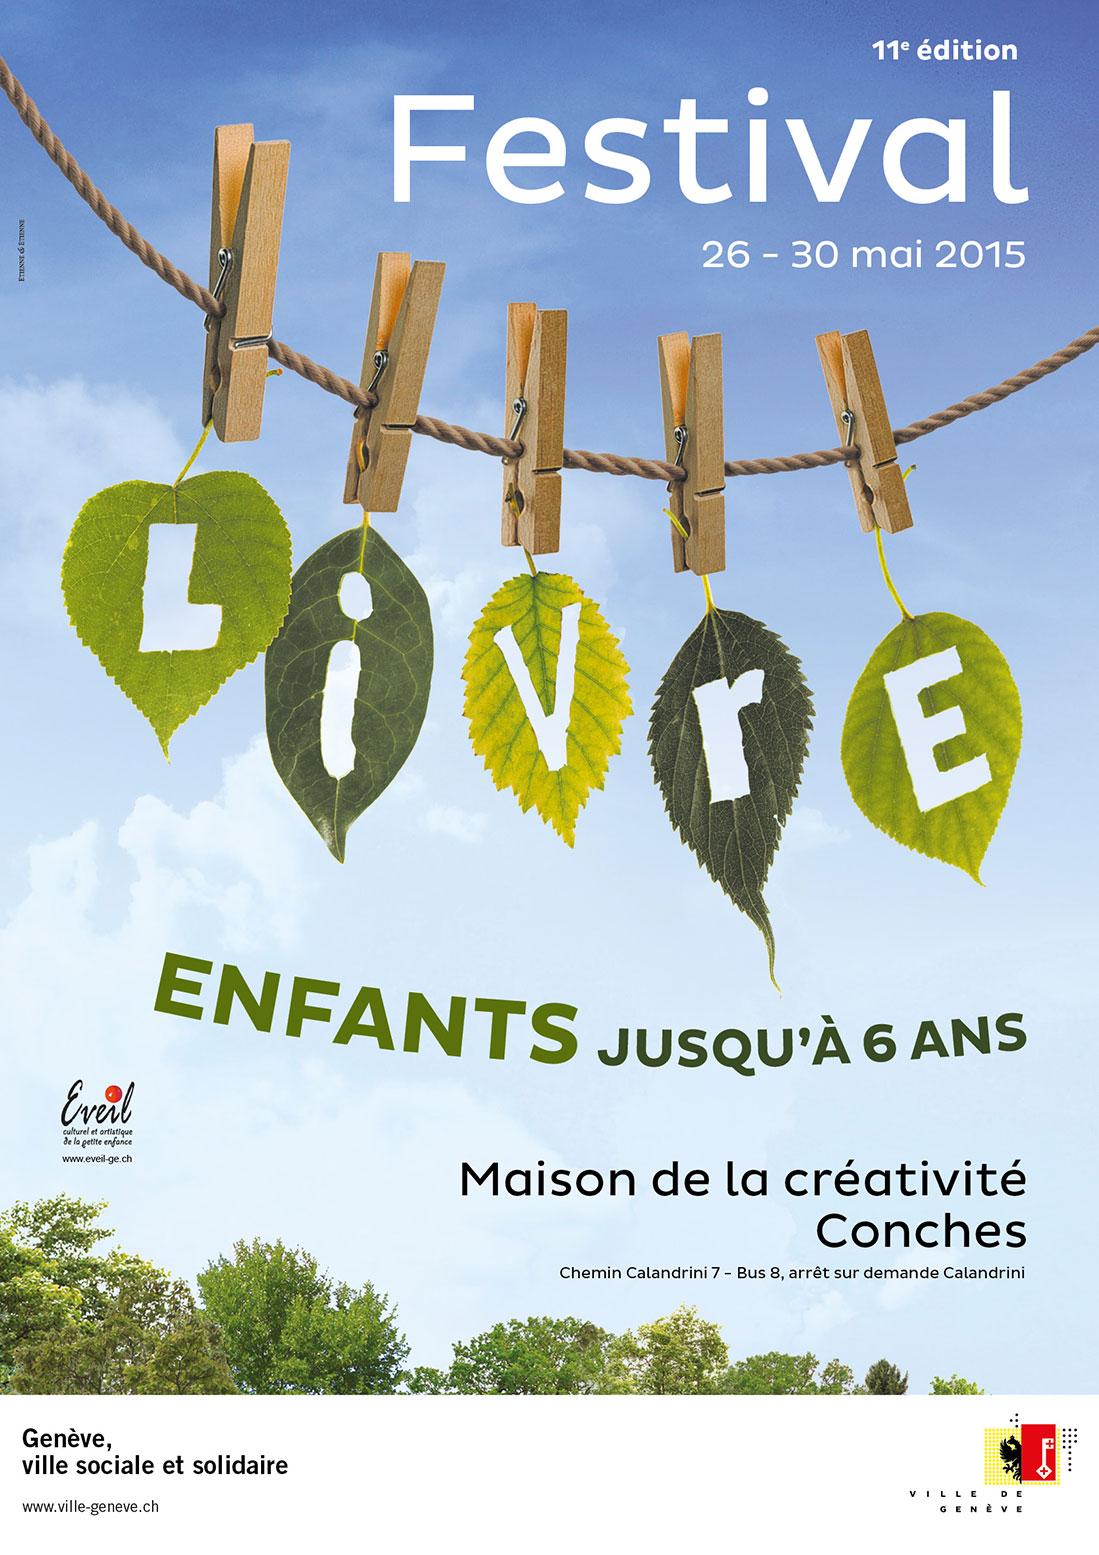 Affiche Du 11e Festival Livres Petite Enfance Et Familles